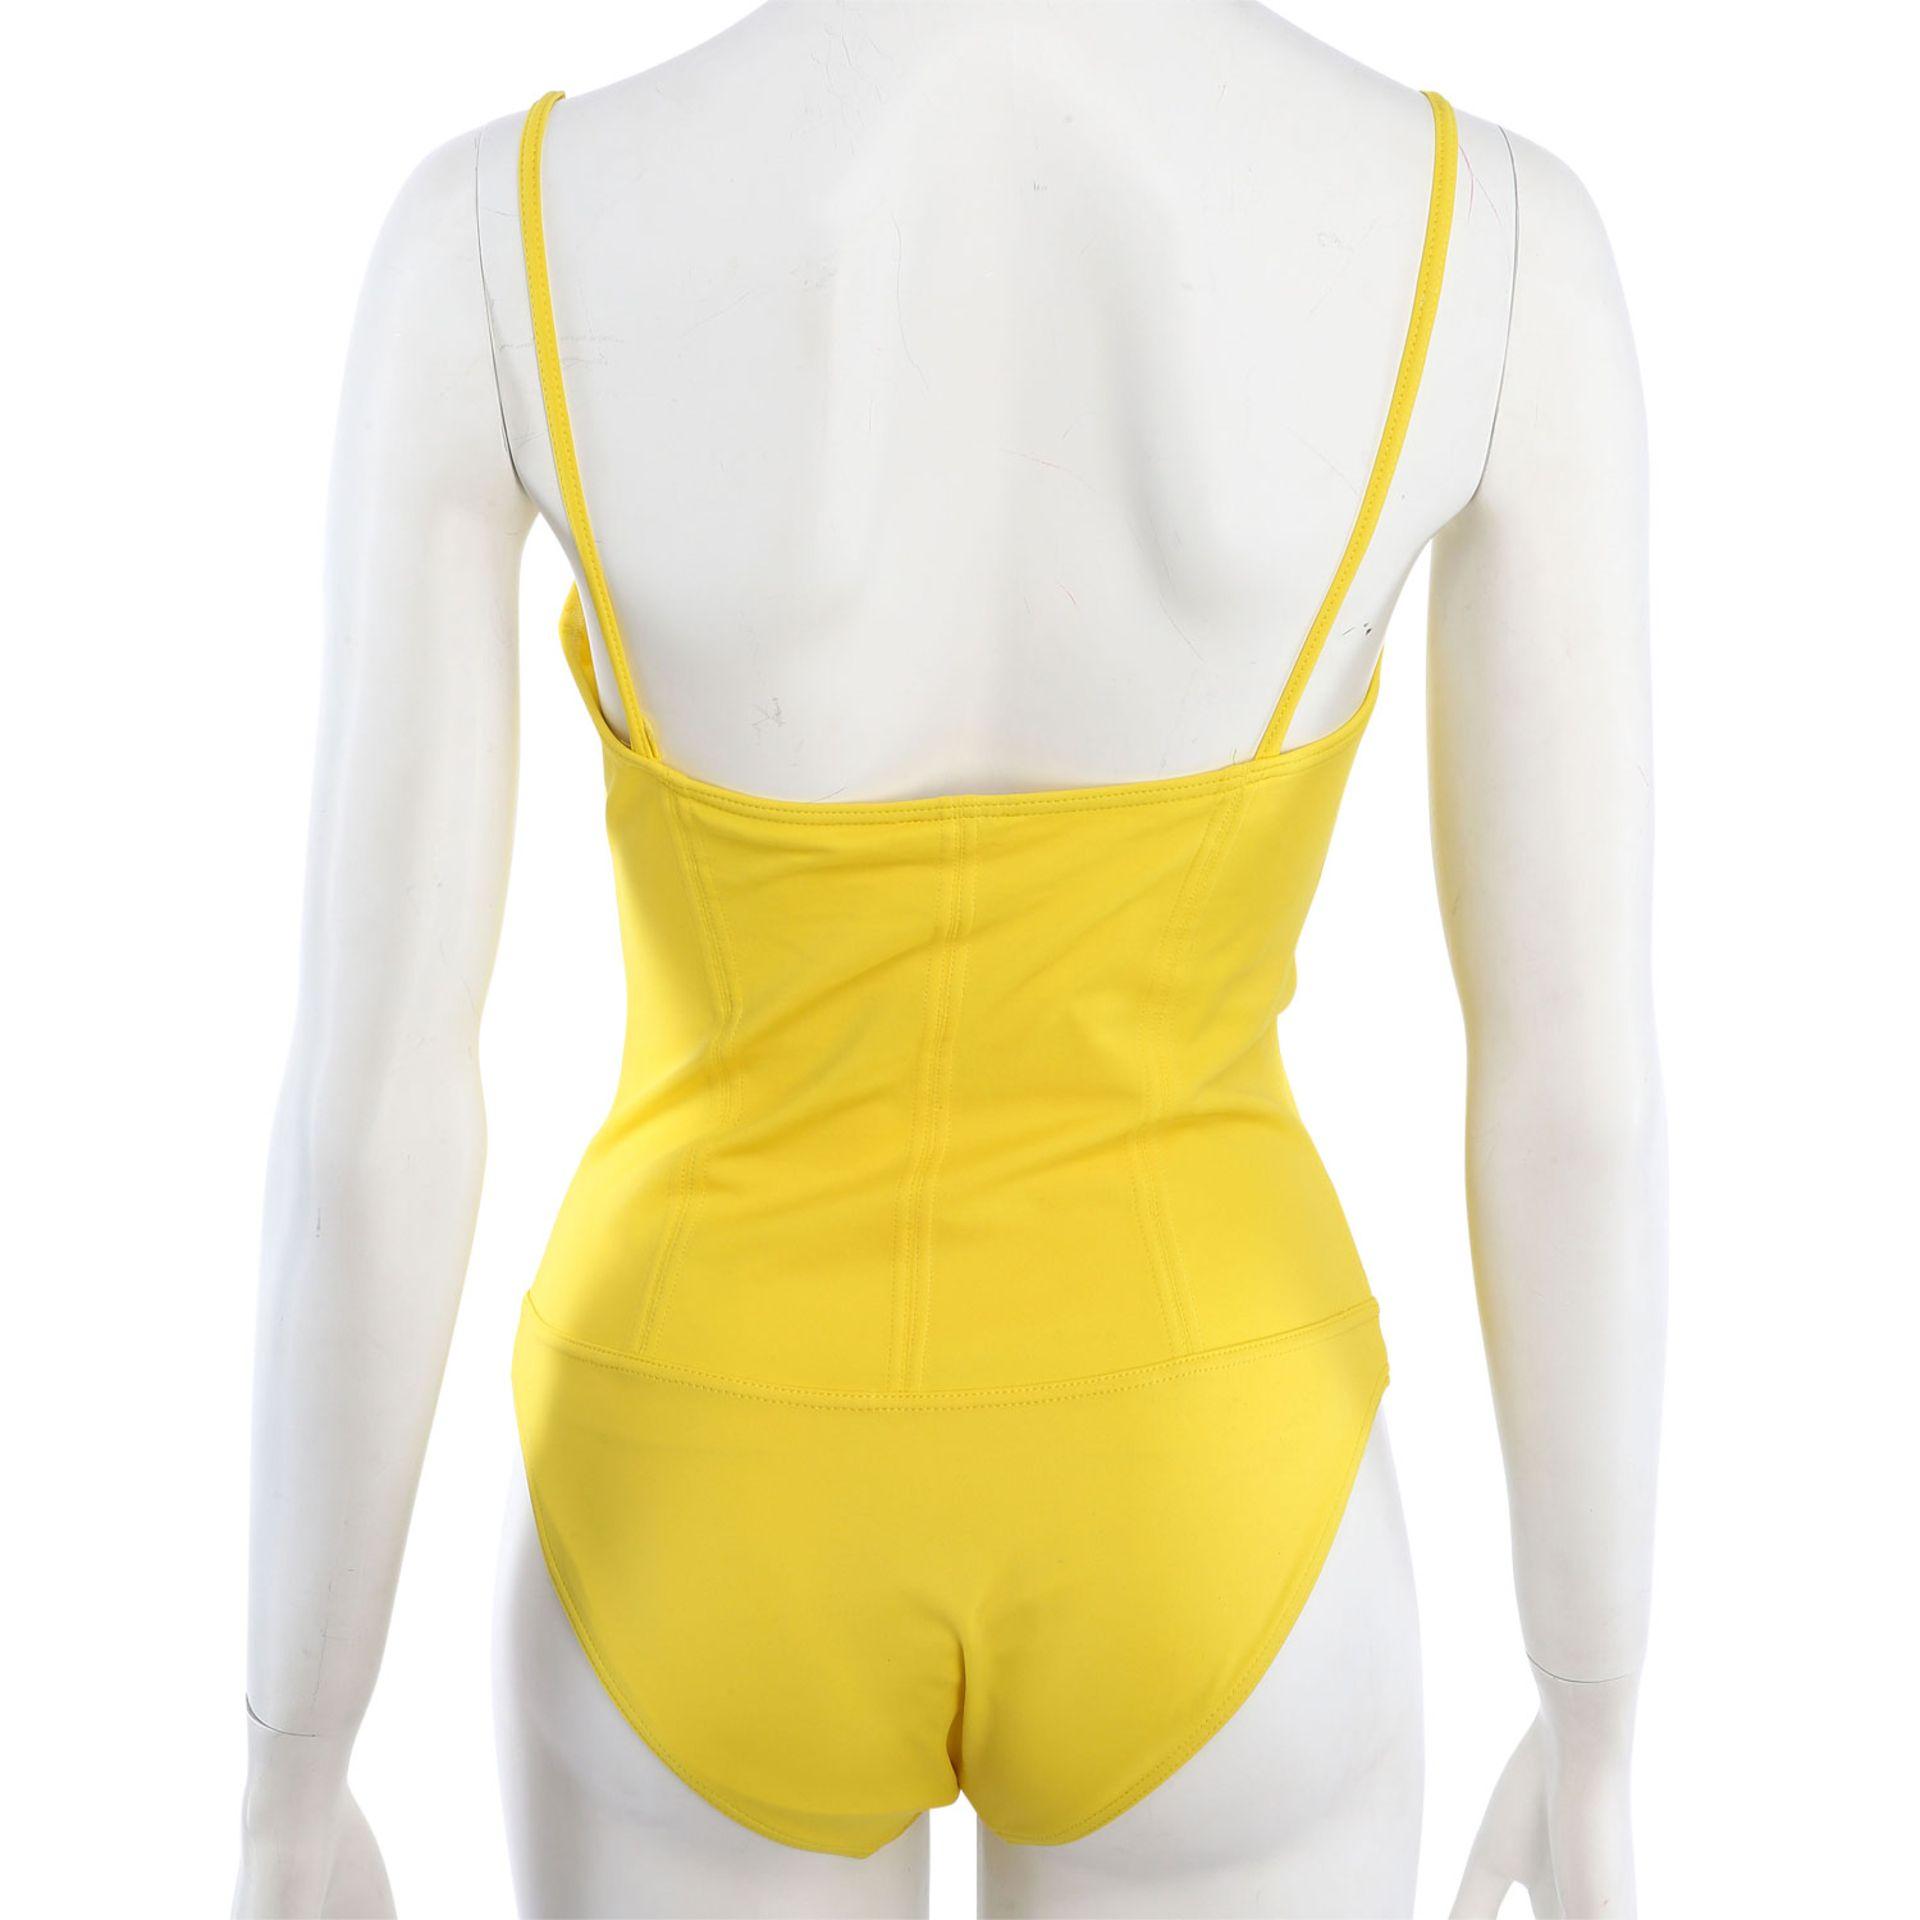 CHANEL VINTAGE Badeanzug, Gr. 38/40.NP. ca.: 1.500,-€. Gelbes Modell mit Teilungsnähten und - Bild 4 aus 4